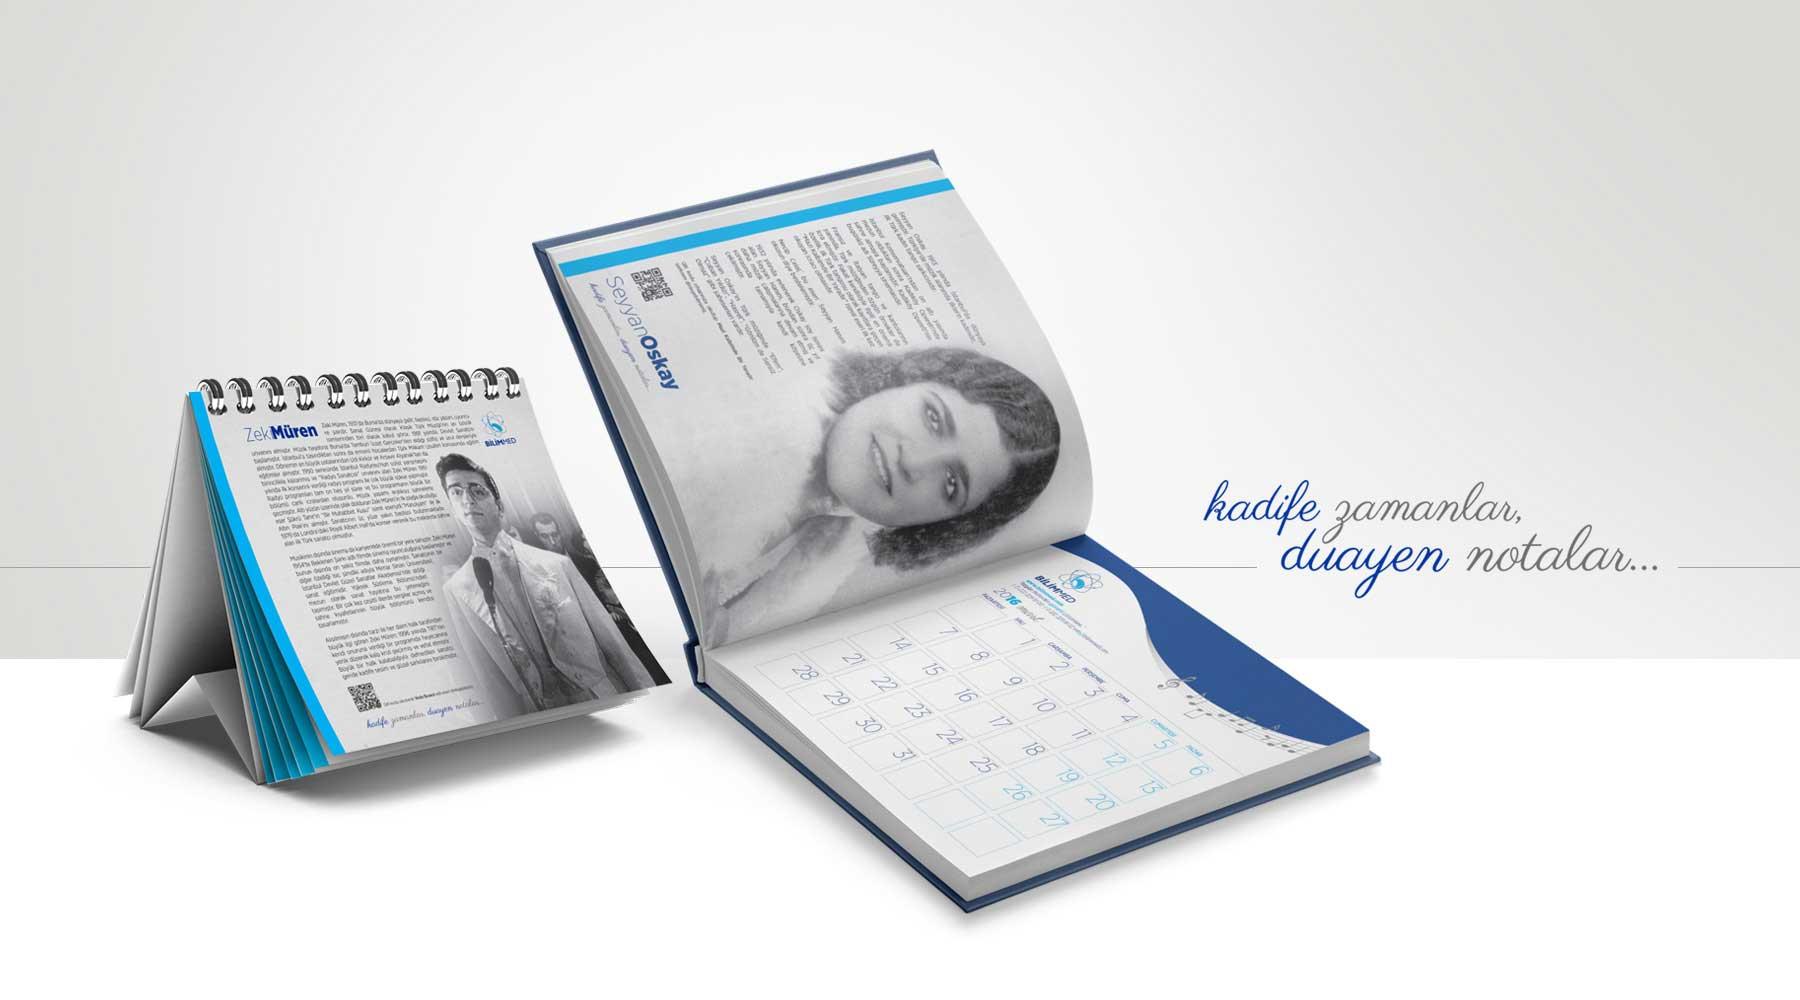 eskişehir reklam ajansı ajanda masa takvimi promosyon ürünler tasarım ve baskı